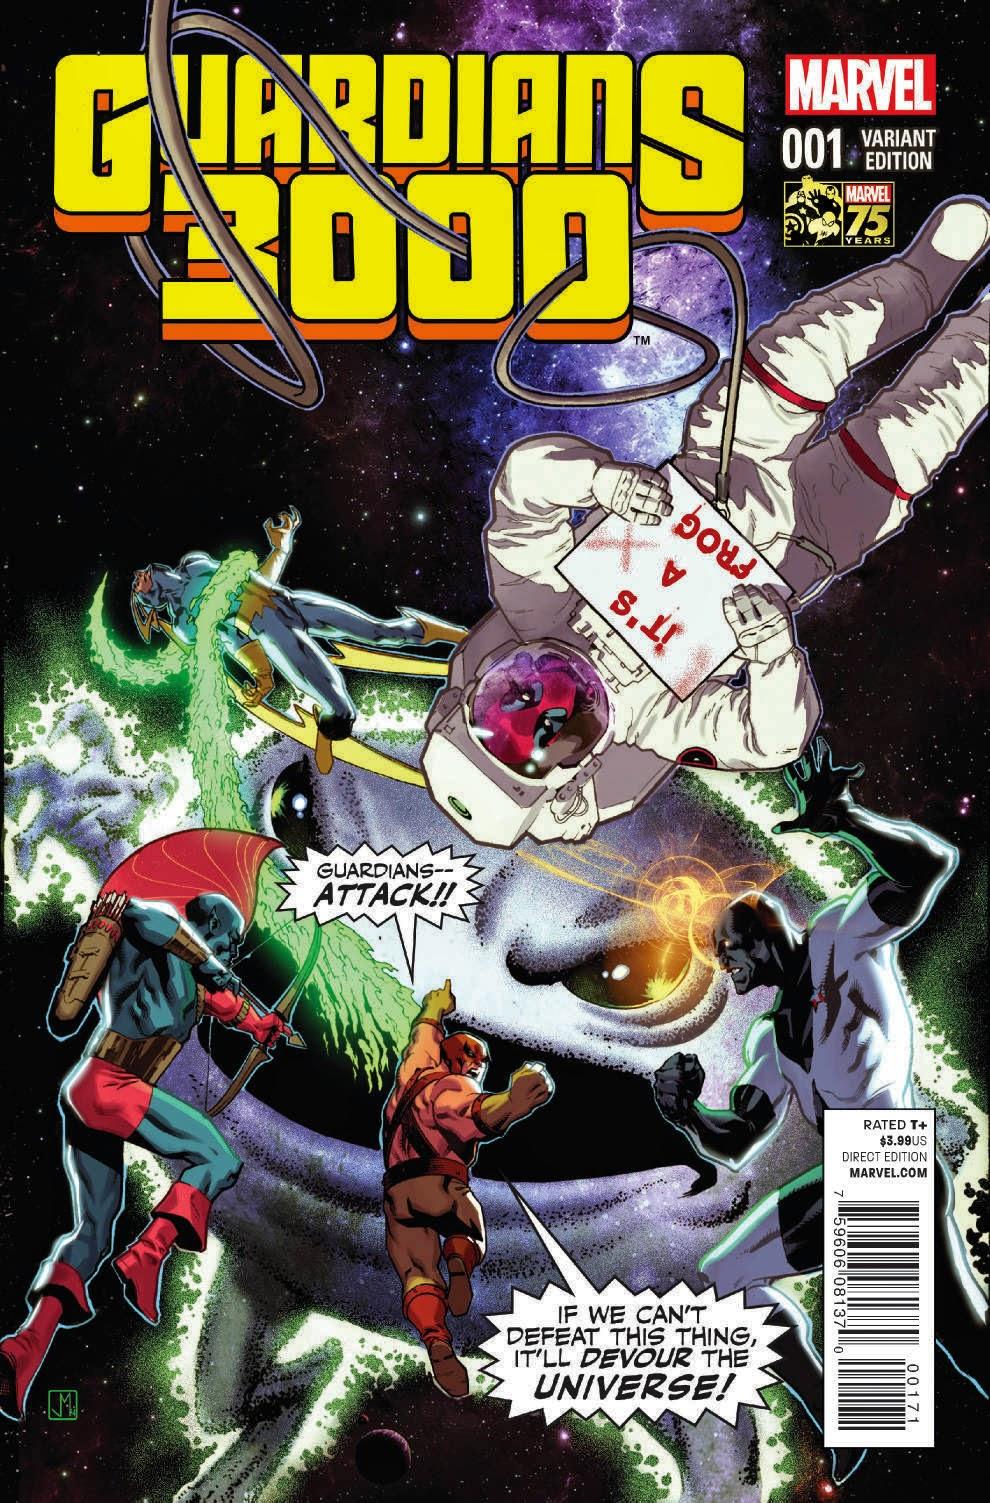 Spider Man Deadpool Комикс На Русском Скачать